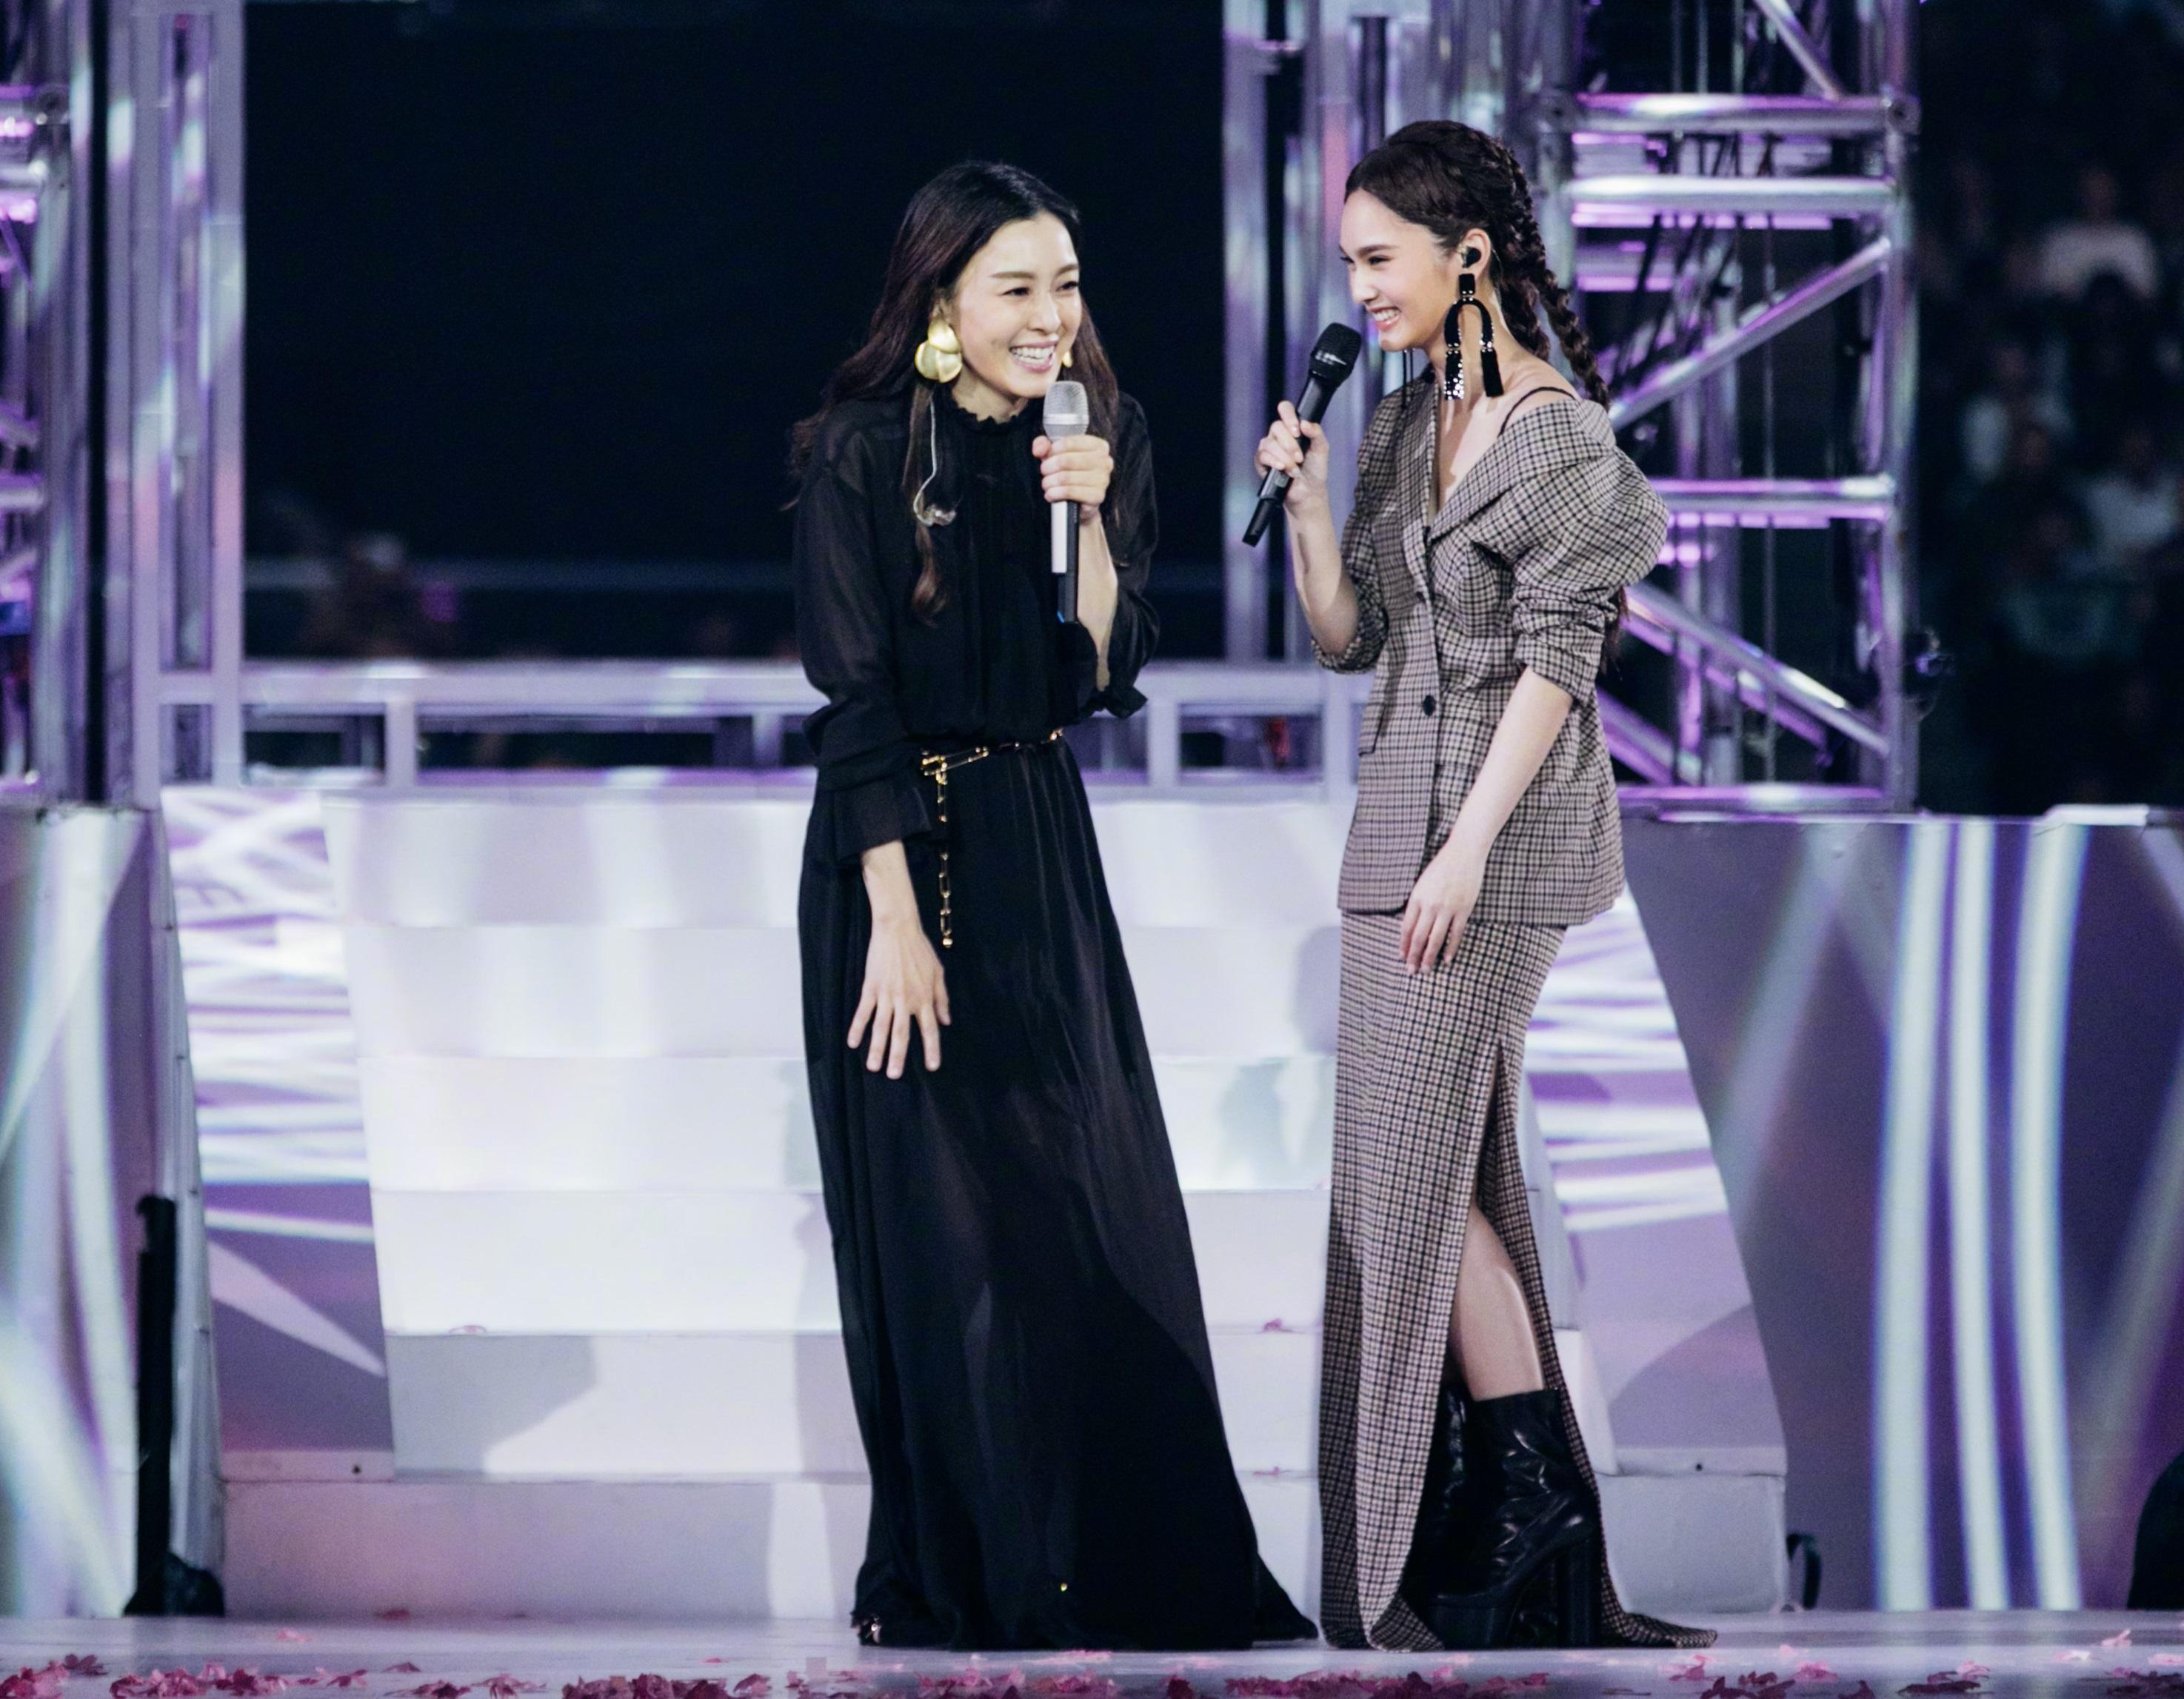 楊丞琳(右)舉行演唱會。網上圖片